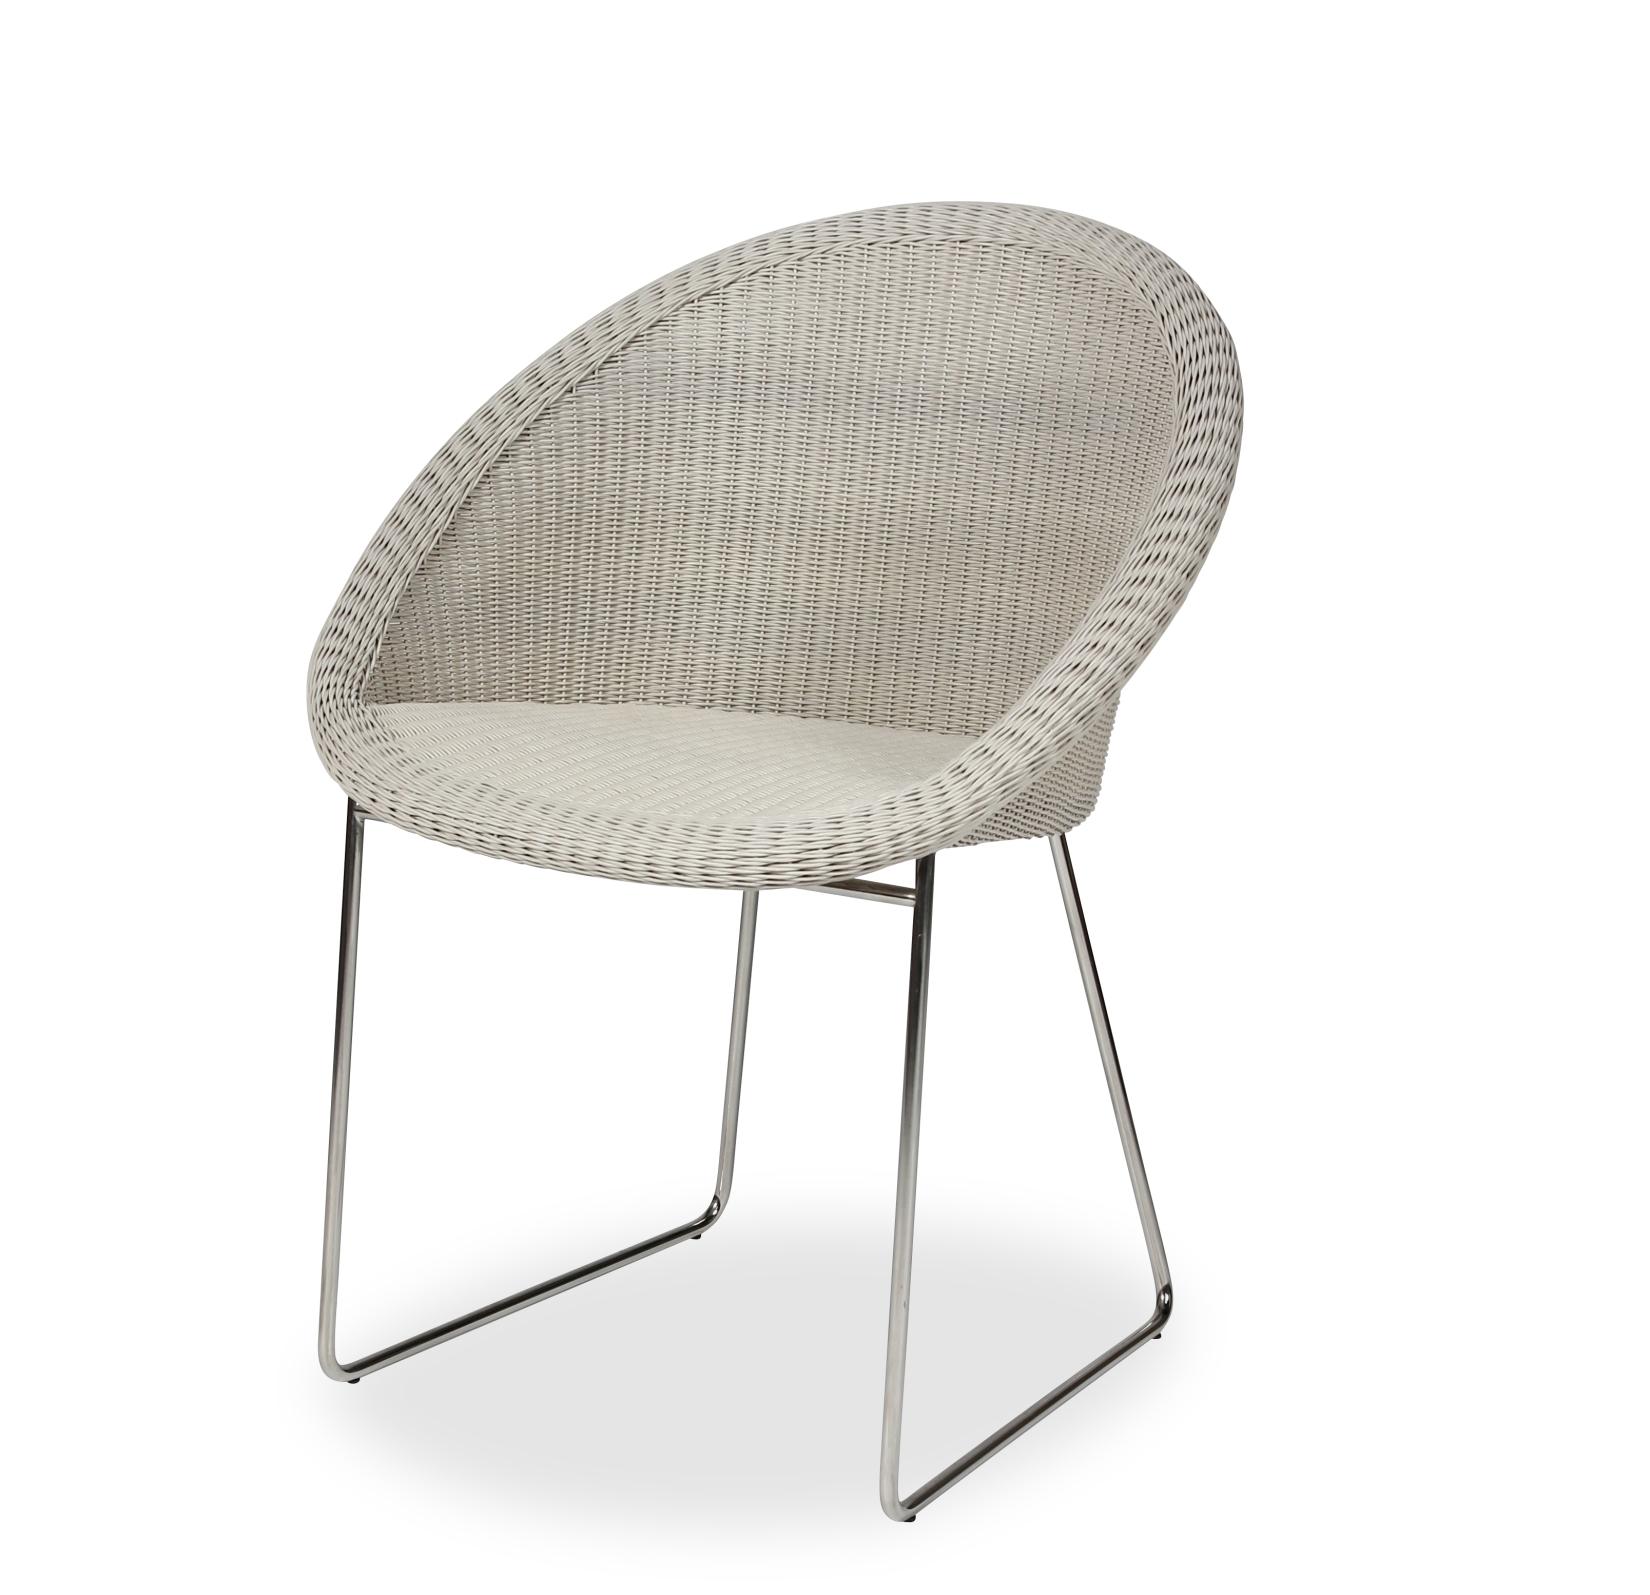 vincent sheppard outdoor dining stuhl gipsy dc bei. Black Bedroom Furniture Sets. Home Design Ideas